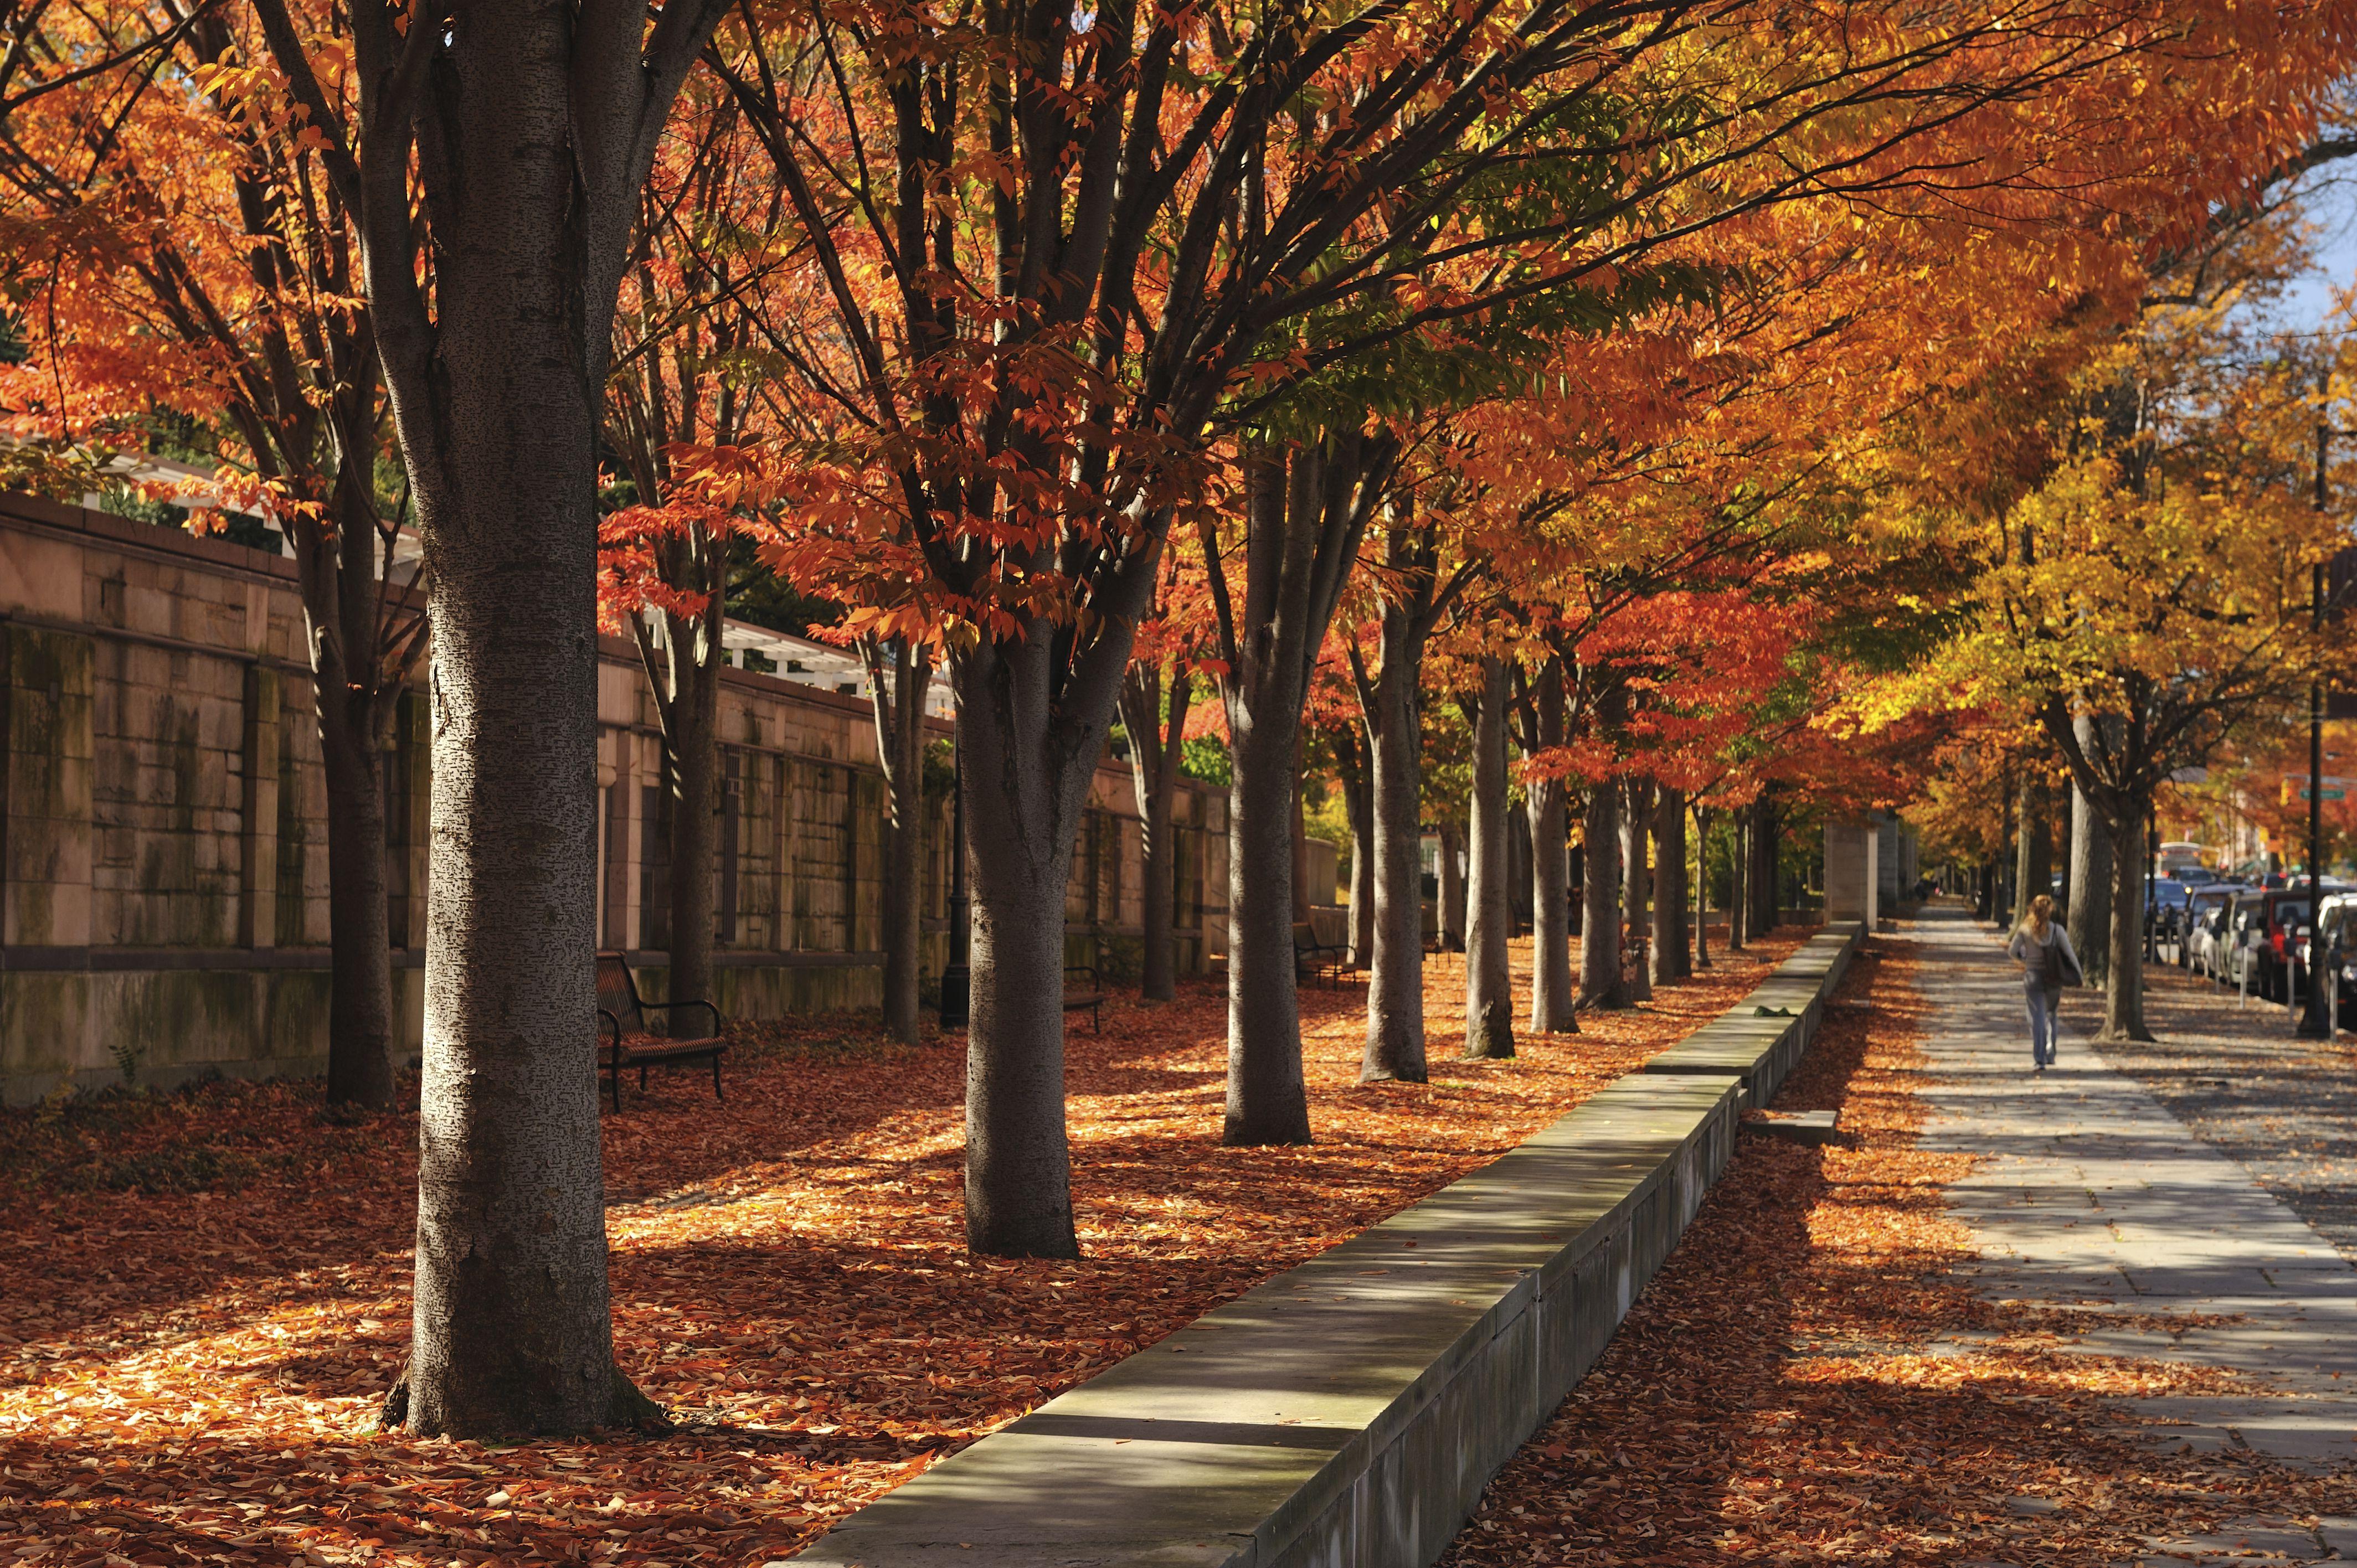 Tree-lined sidewalk Princeton, NJ